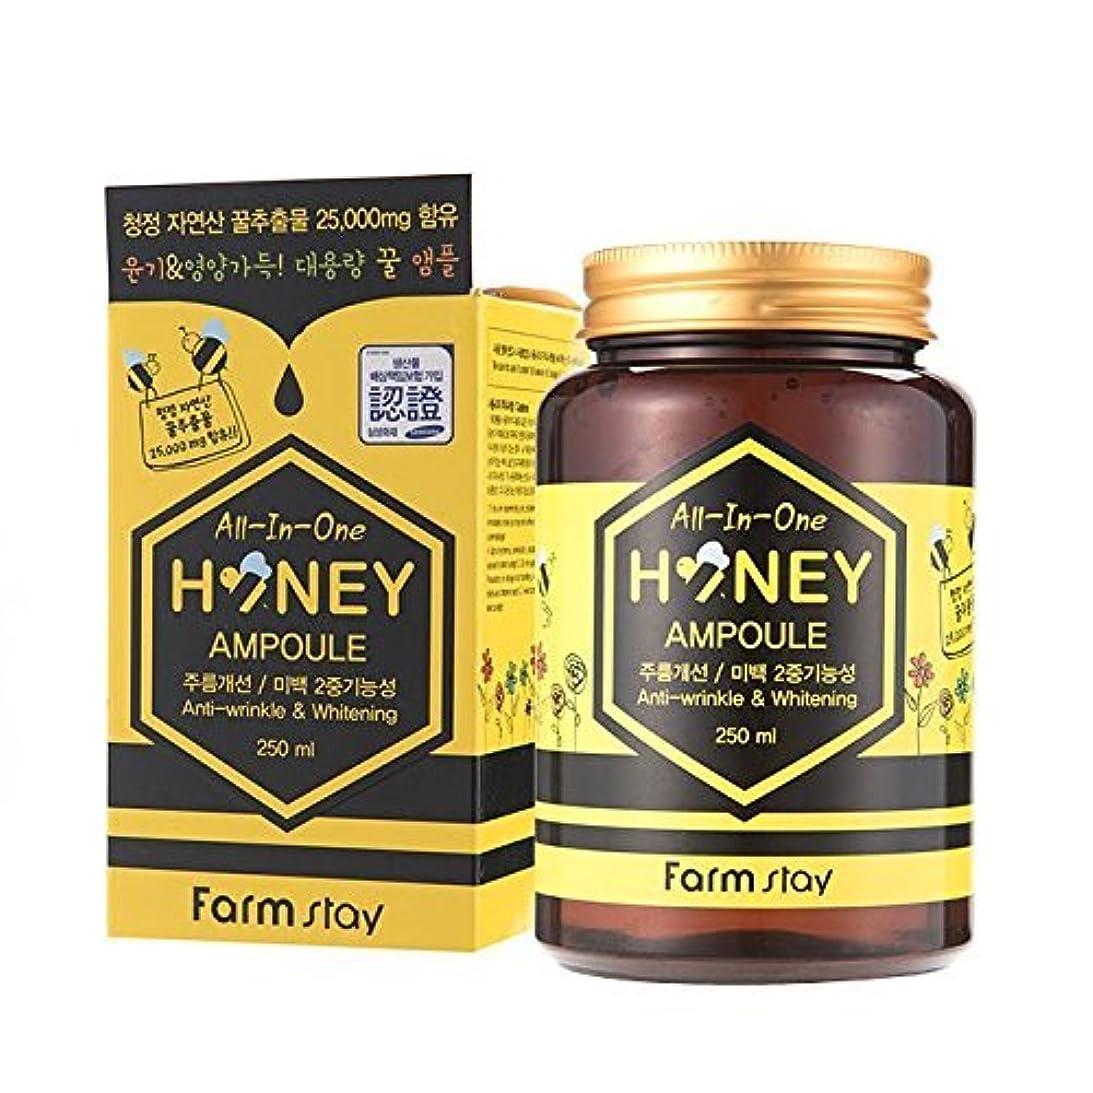 警戒一般的に言えば資金ファームステイ[韓国コスメFarm Stay]All In One Honey Ampoule オールインワンハニーアンプル250ml/ローヤルゼリー、プロポリス [並行輸入品]